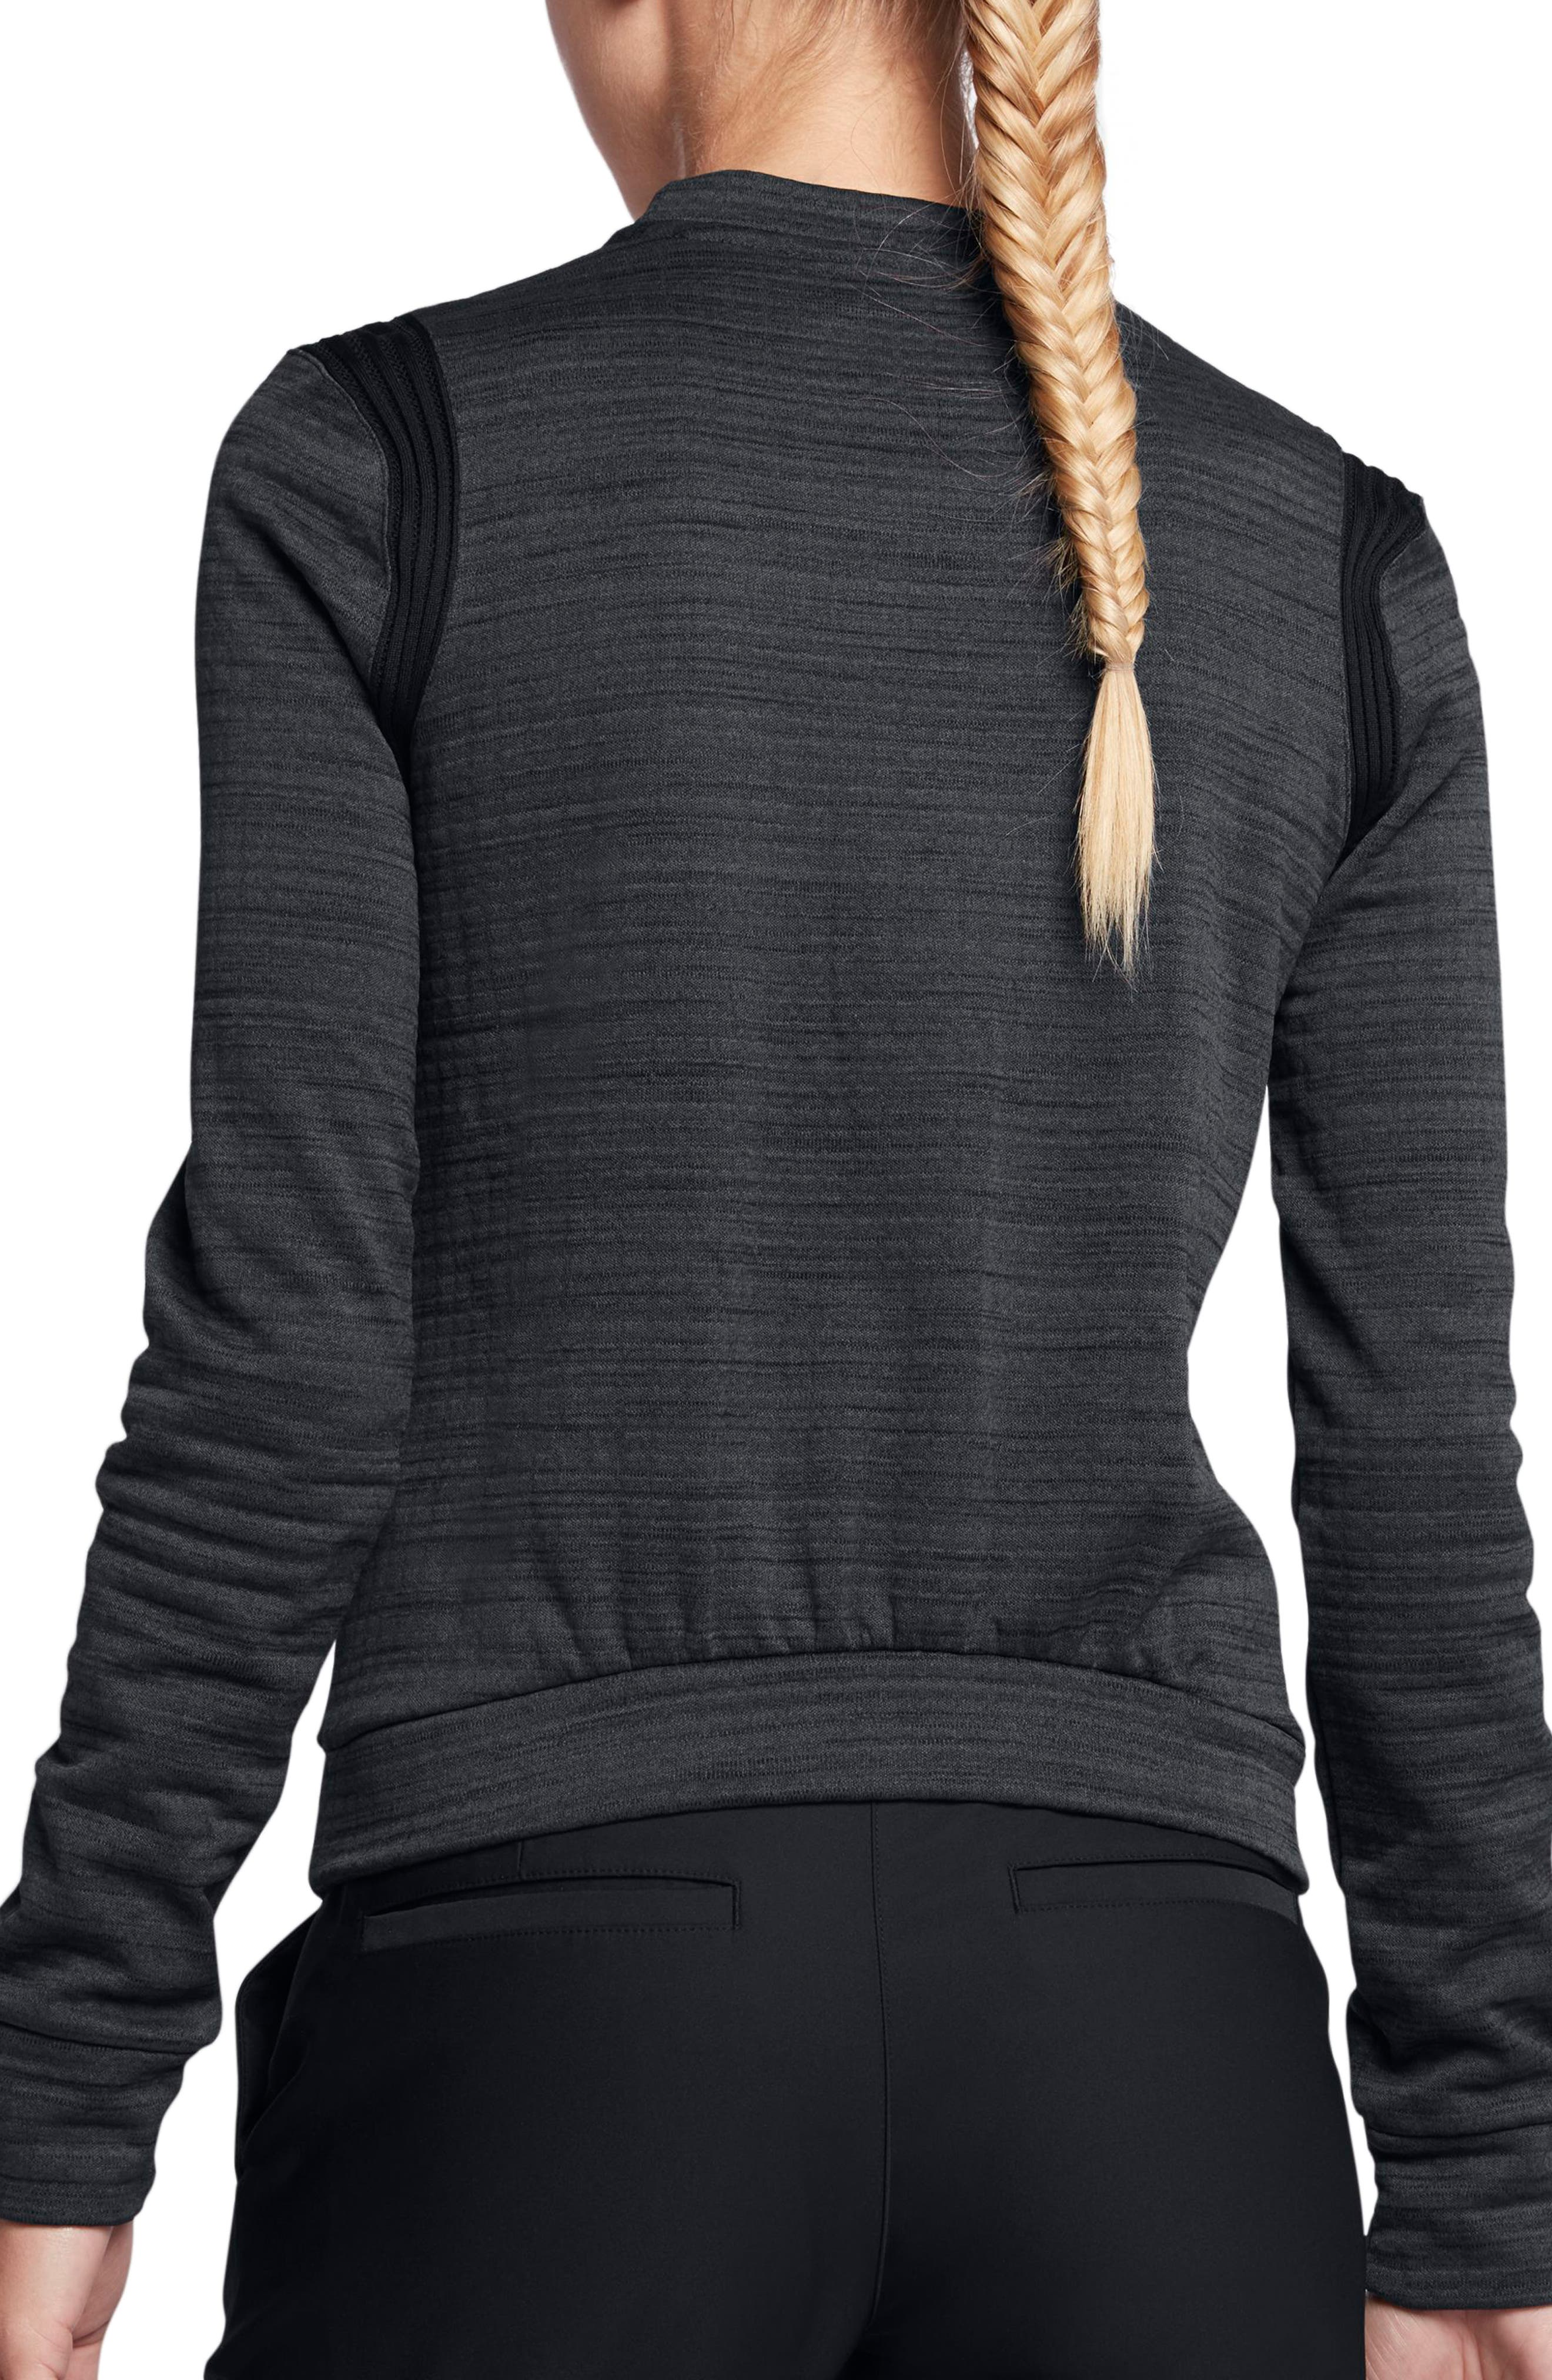 Alternate Image 2  - Nike Therma Sphere Long Sleeve Top